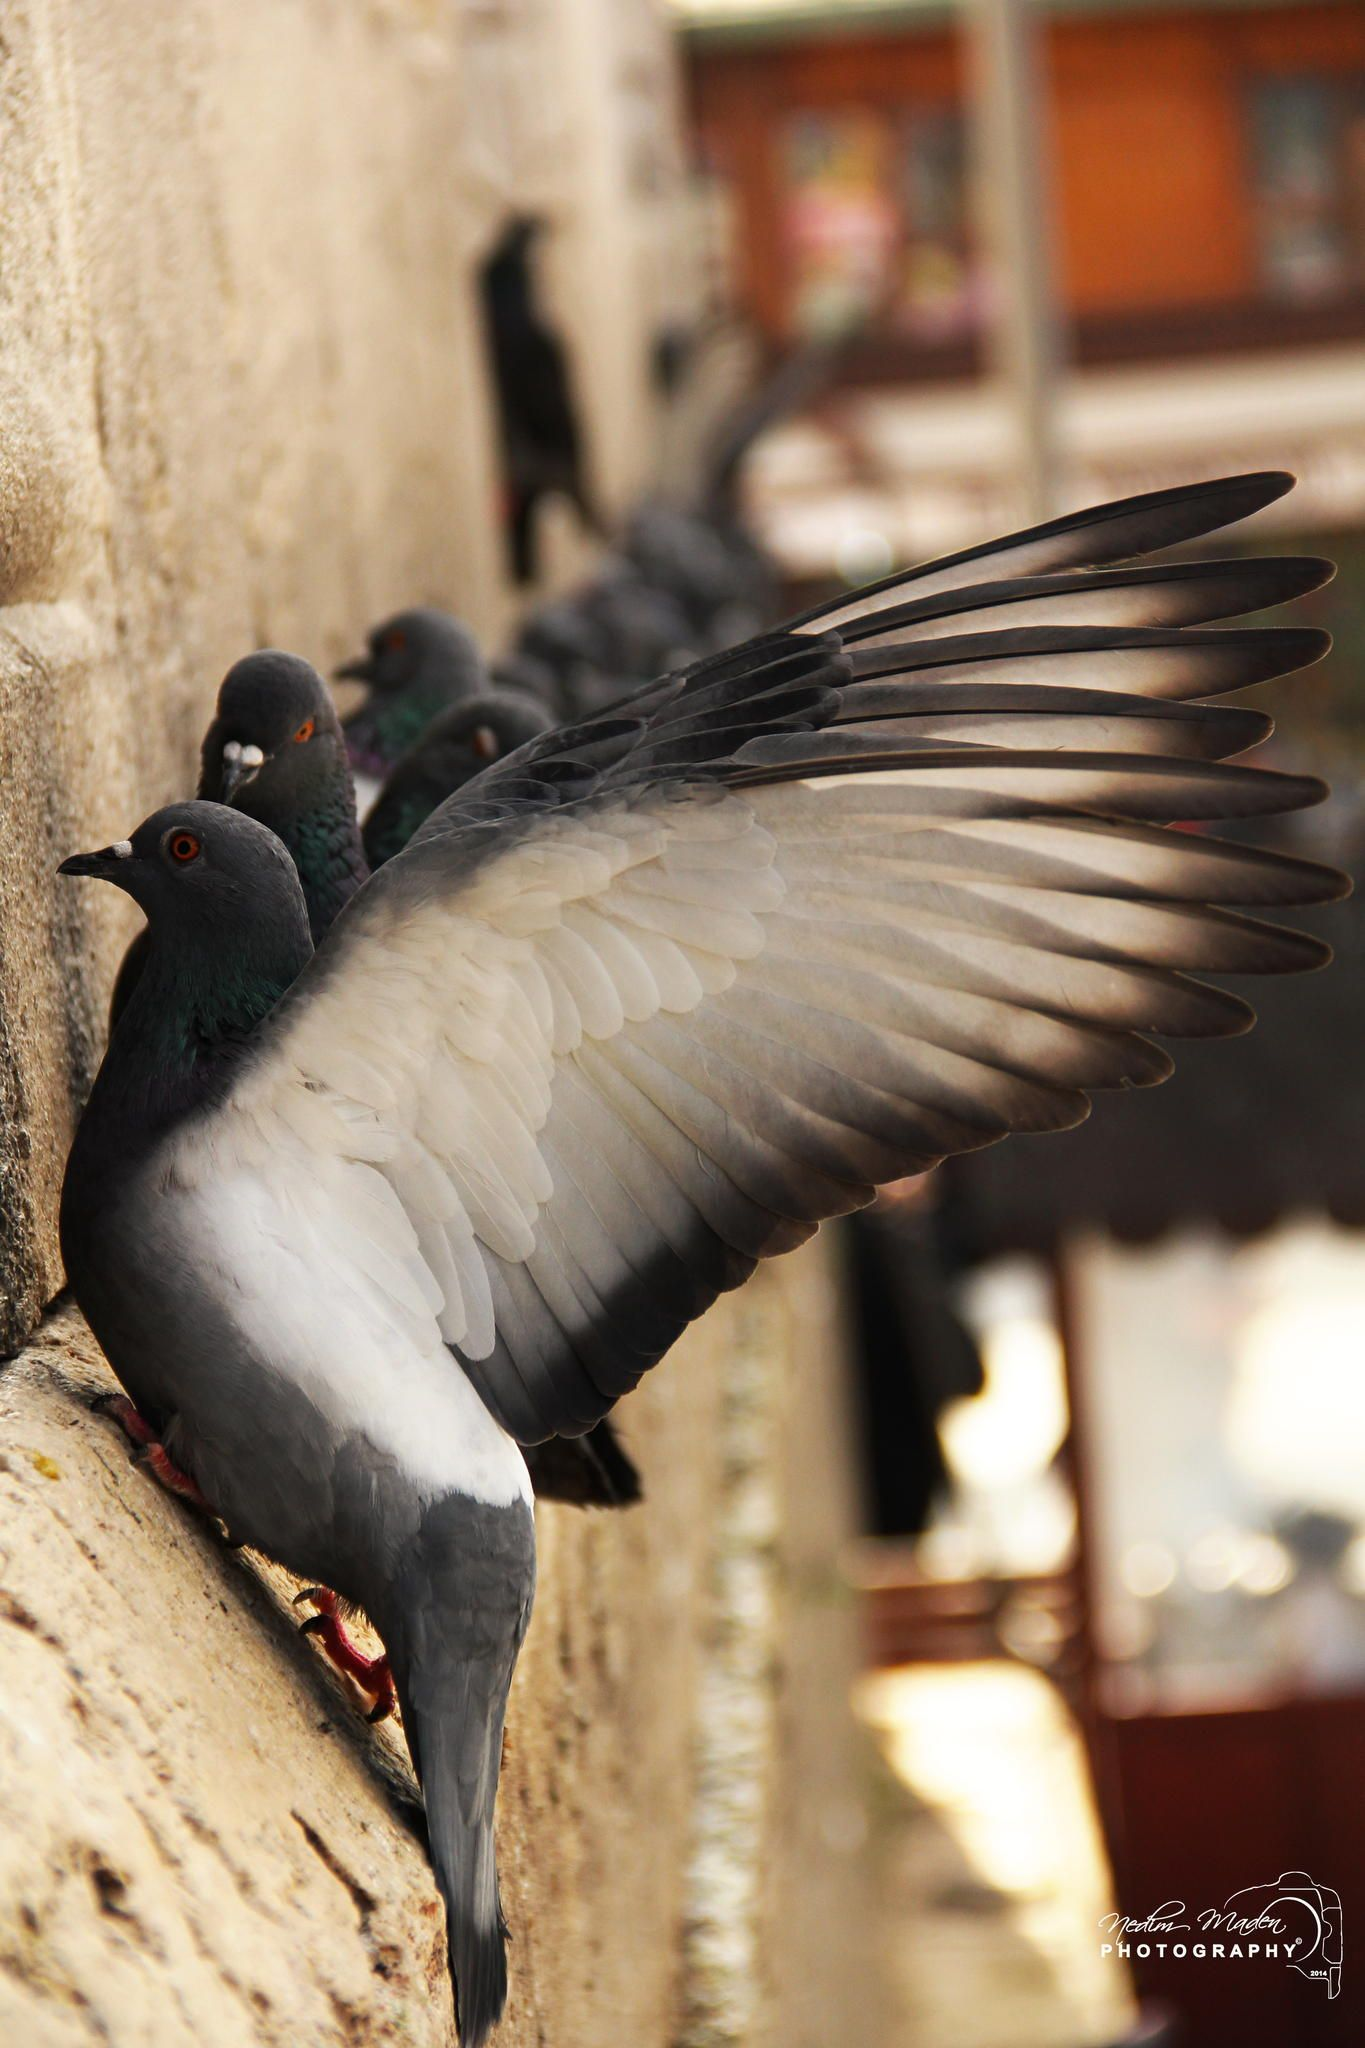 Bird by Nedim Maden on 500px